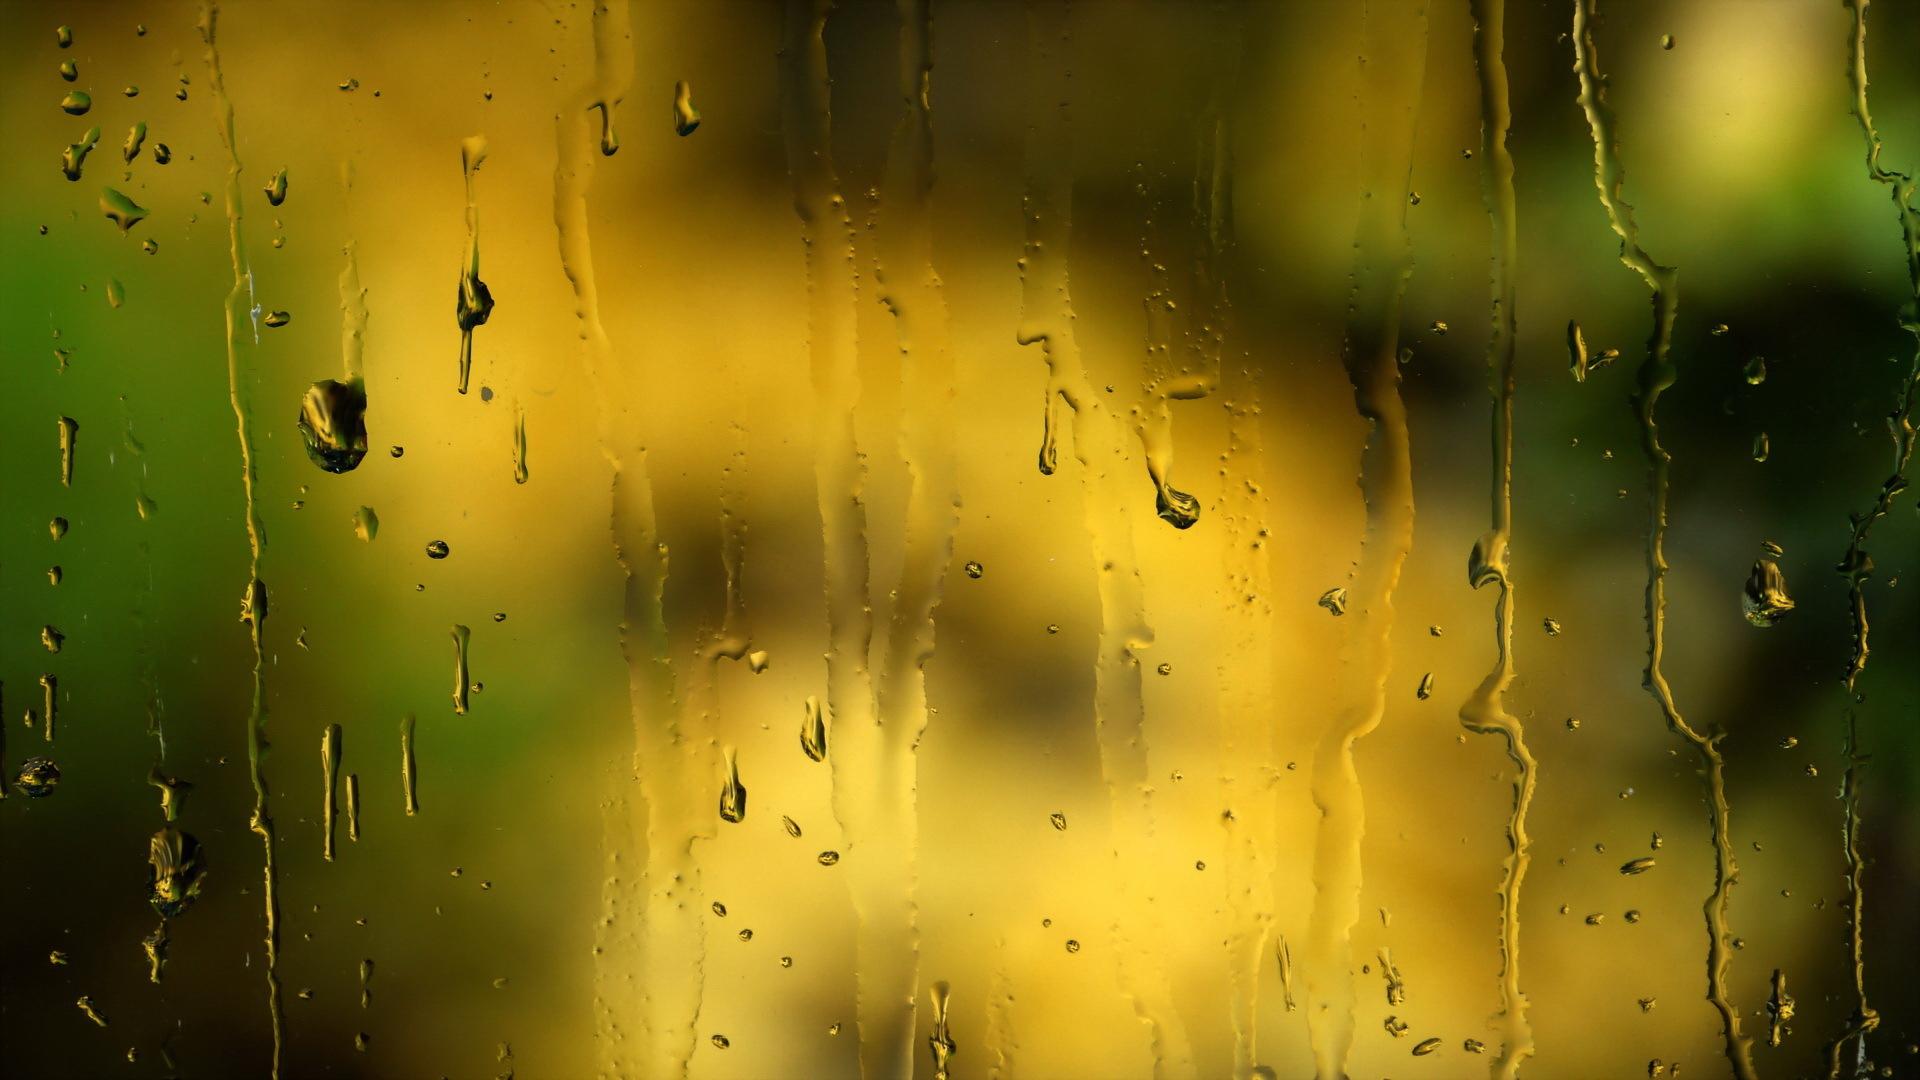 Картинки на рабочий стол анимация дождь, букет цветов